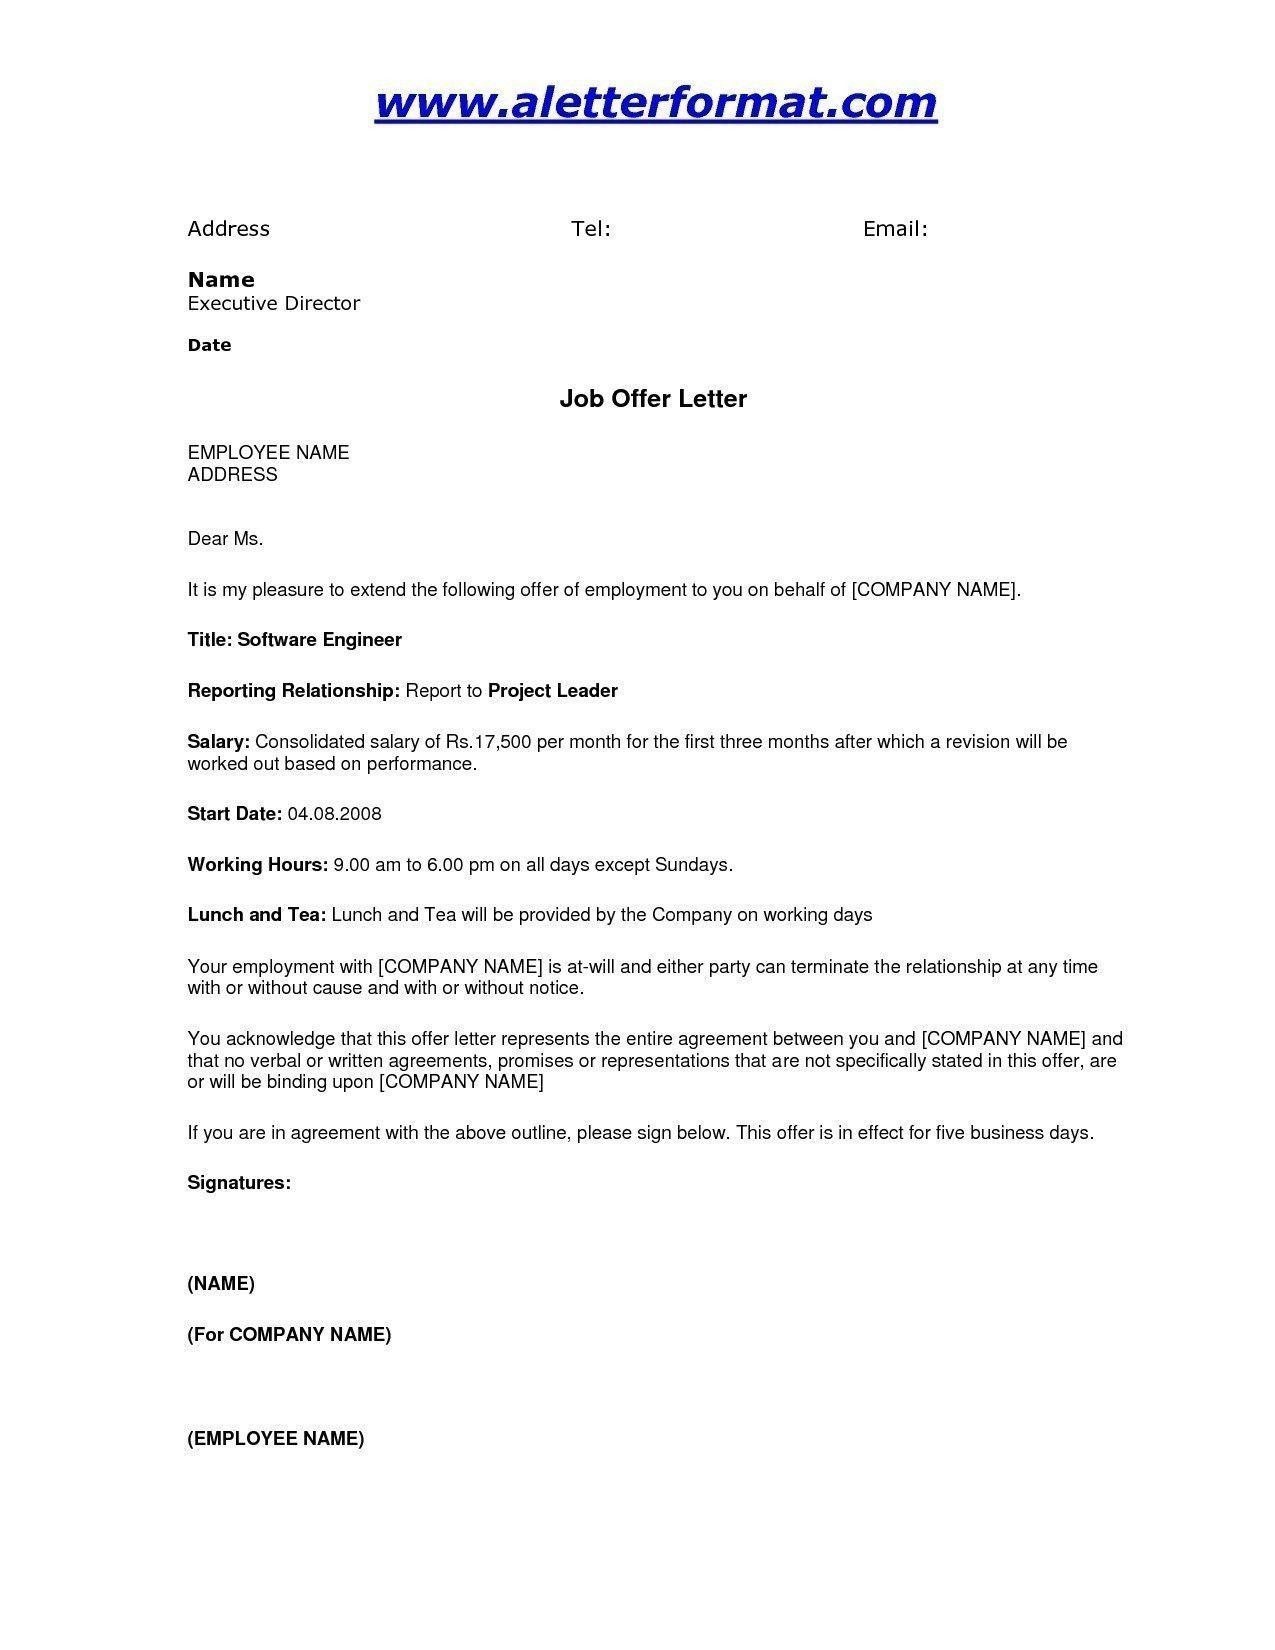 Job Offer Letter Format in 2020 Letter example, Job